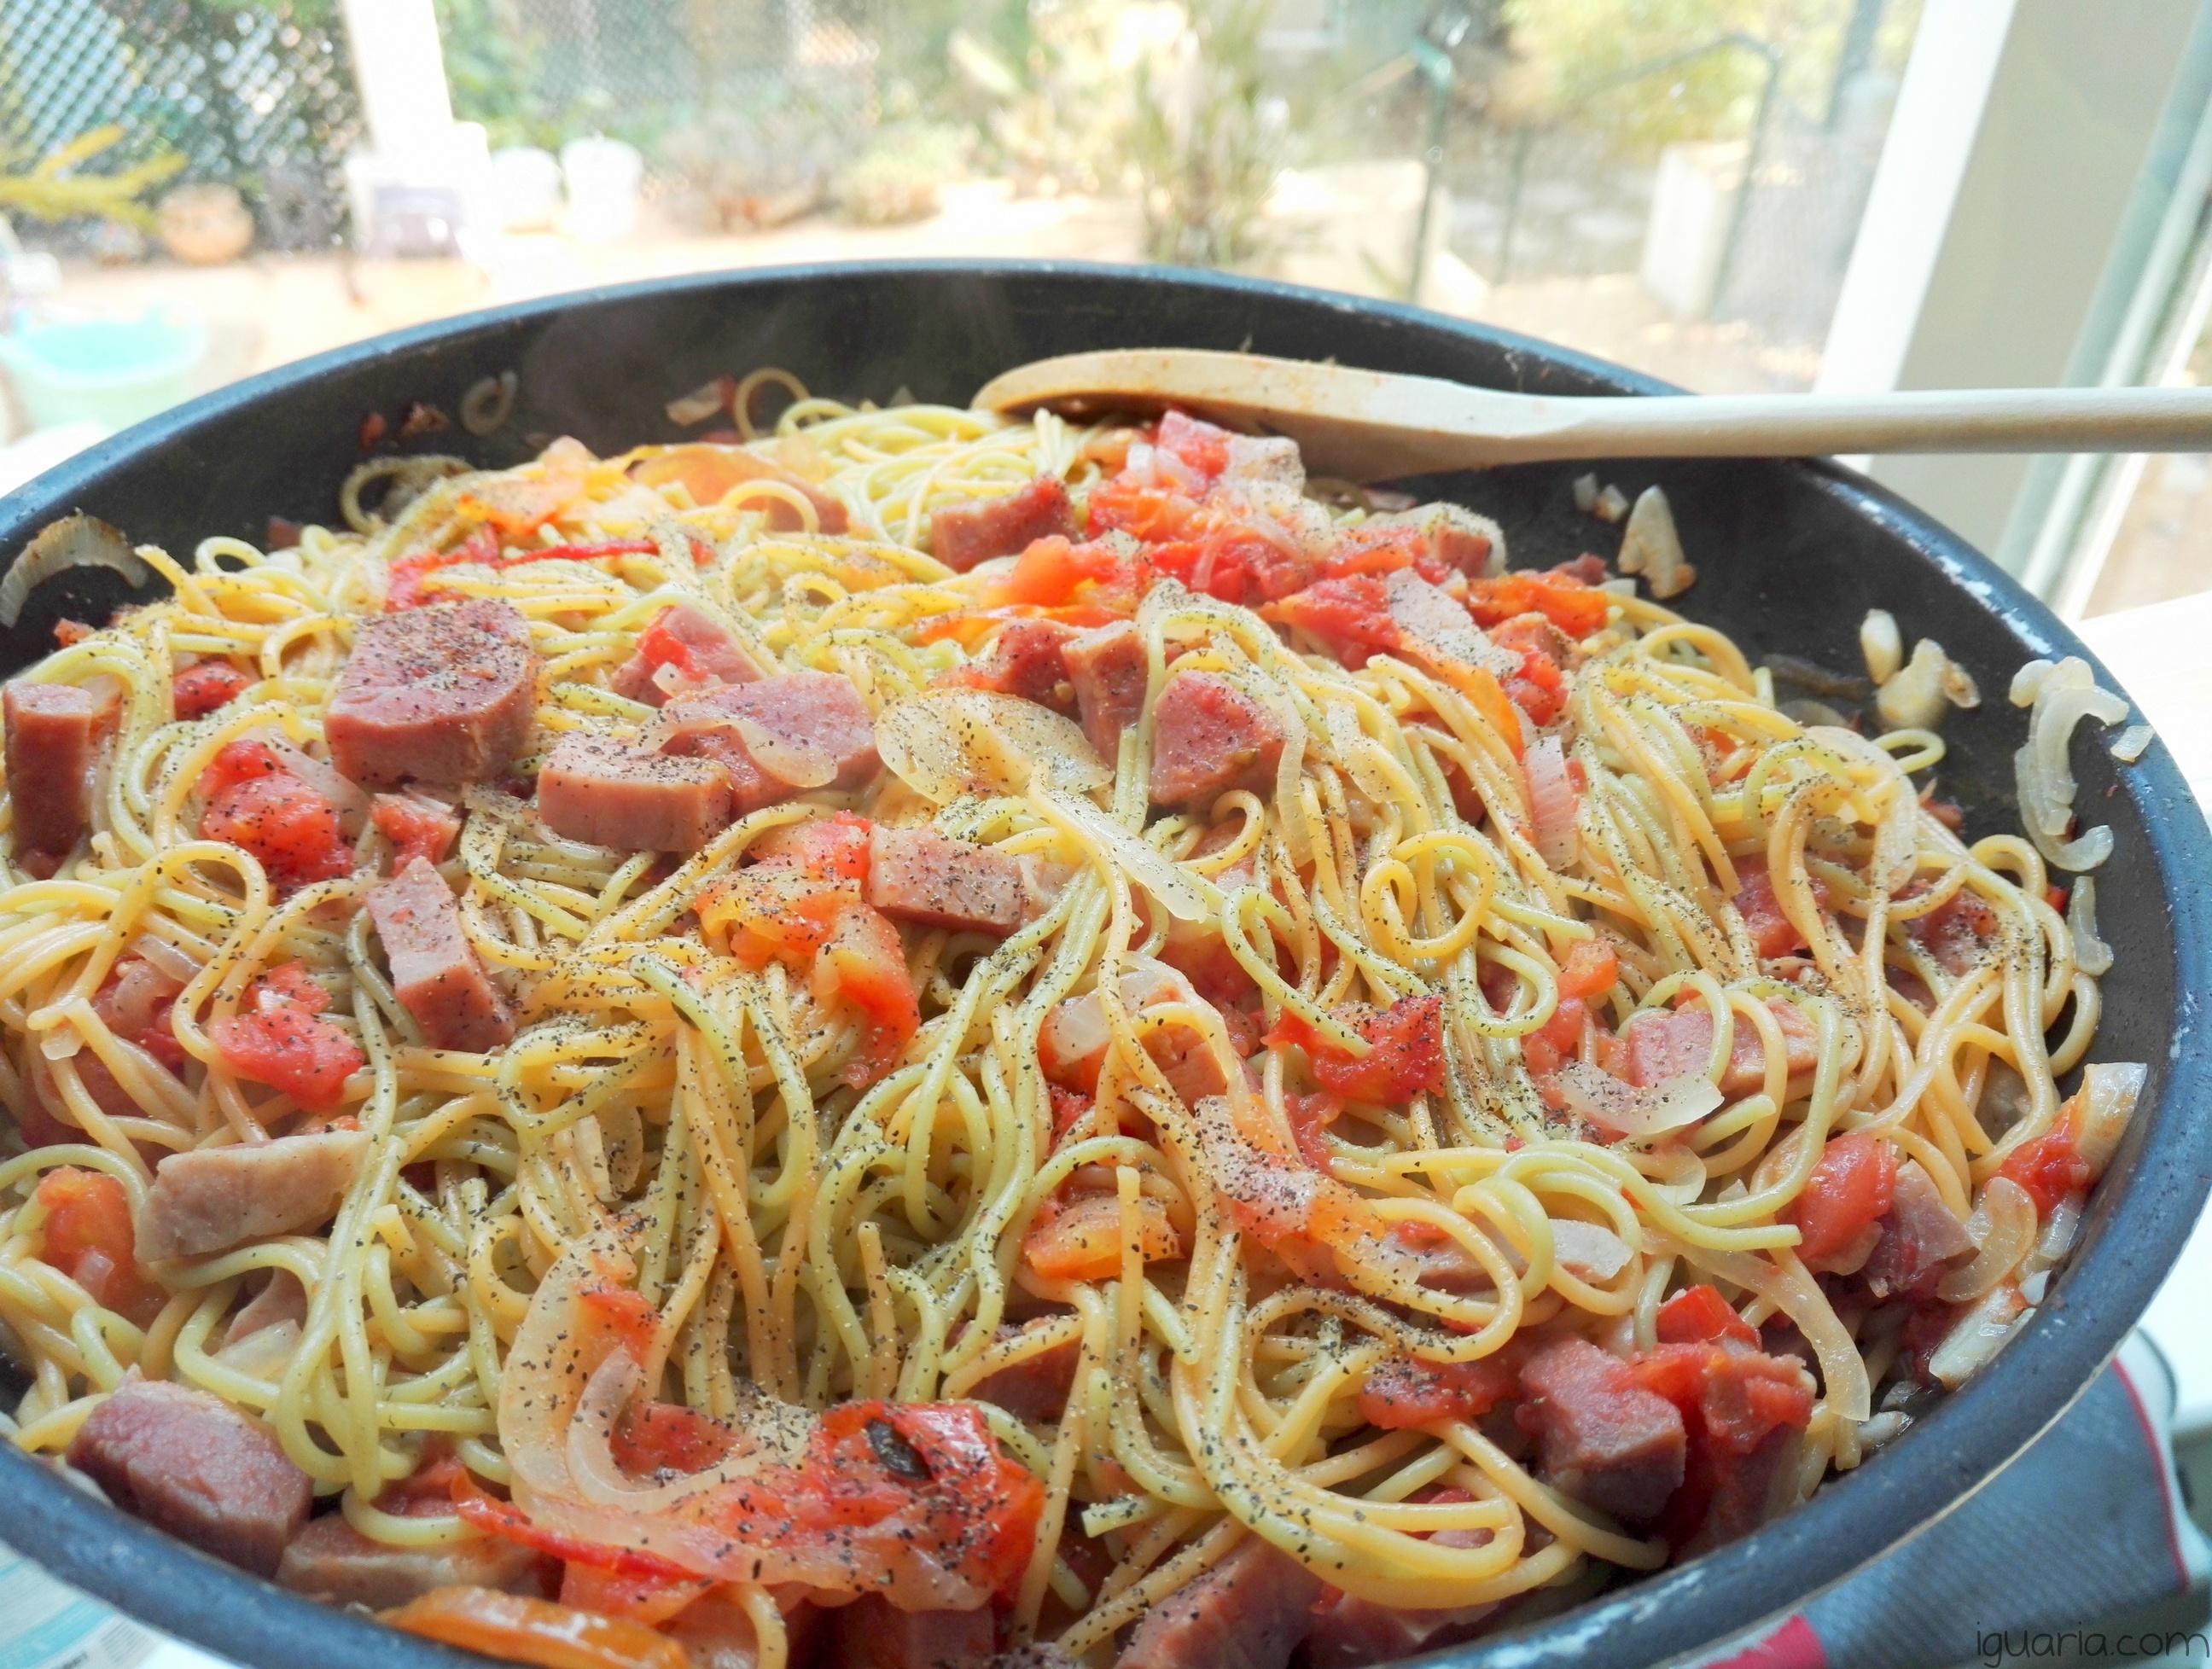 iguaria-esparguete-com-tomate-e-fiambre